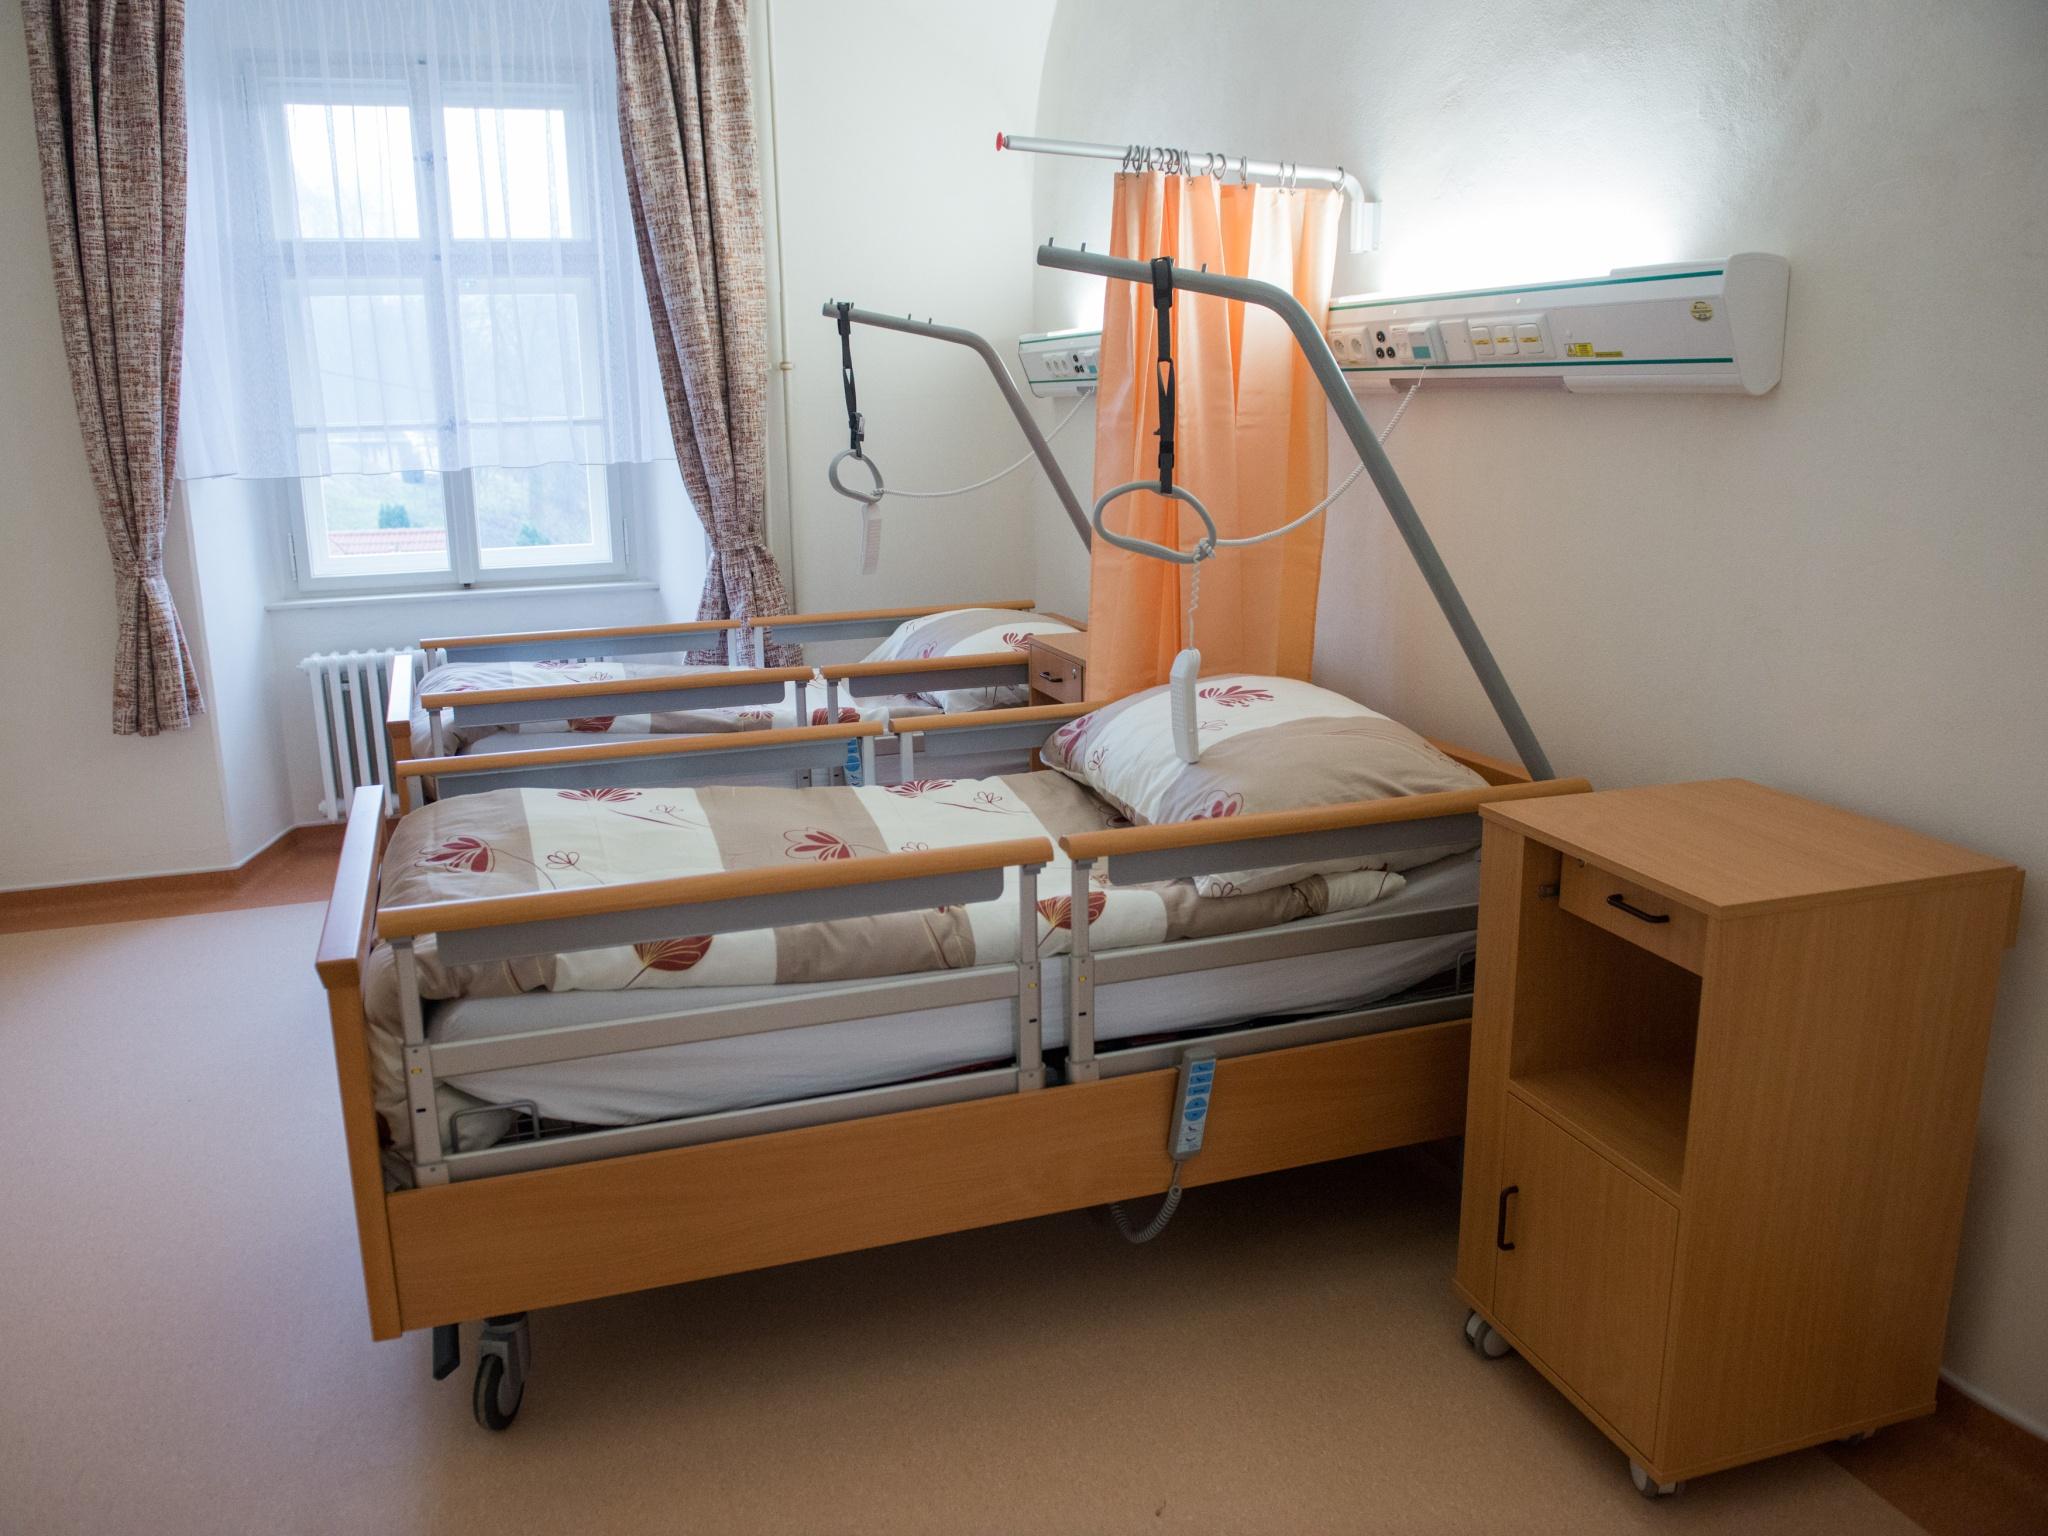 V letovické nemocnici otevřeli nové oddělení s deseti lůžky